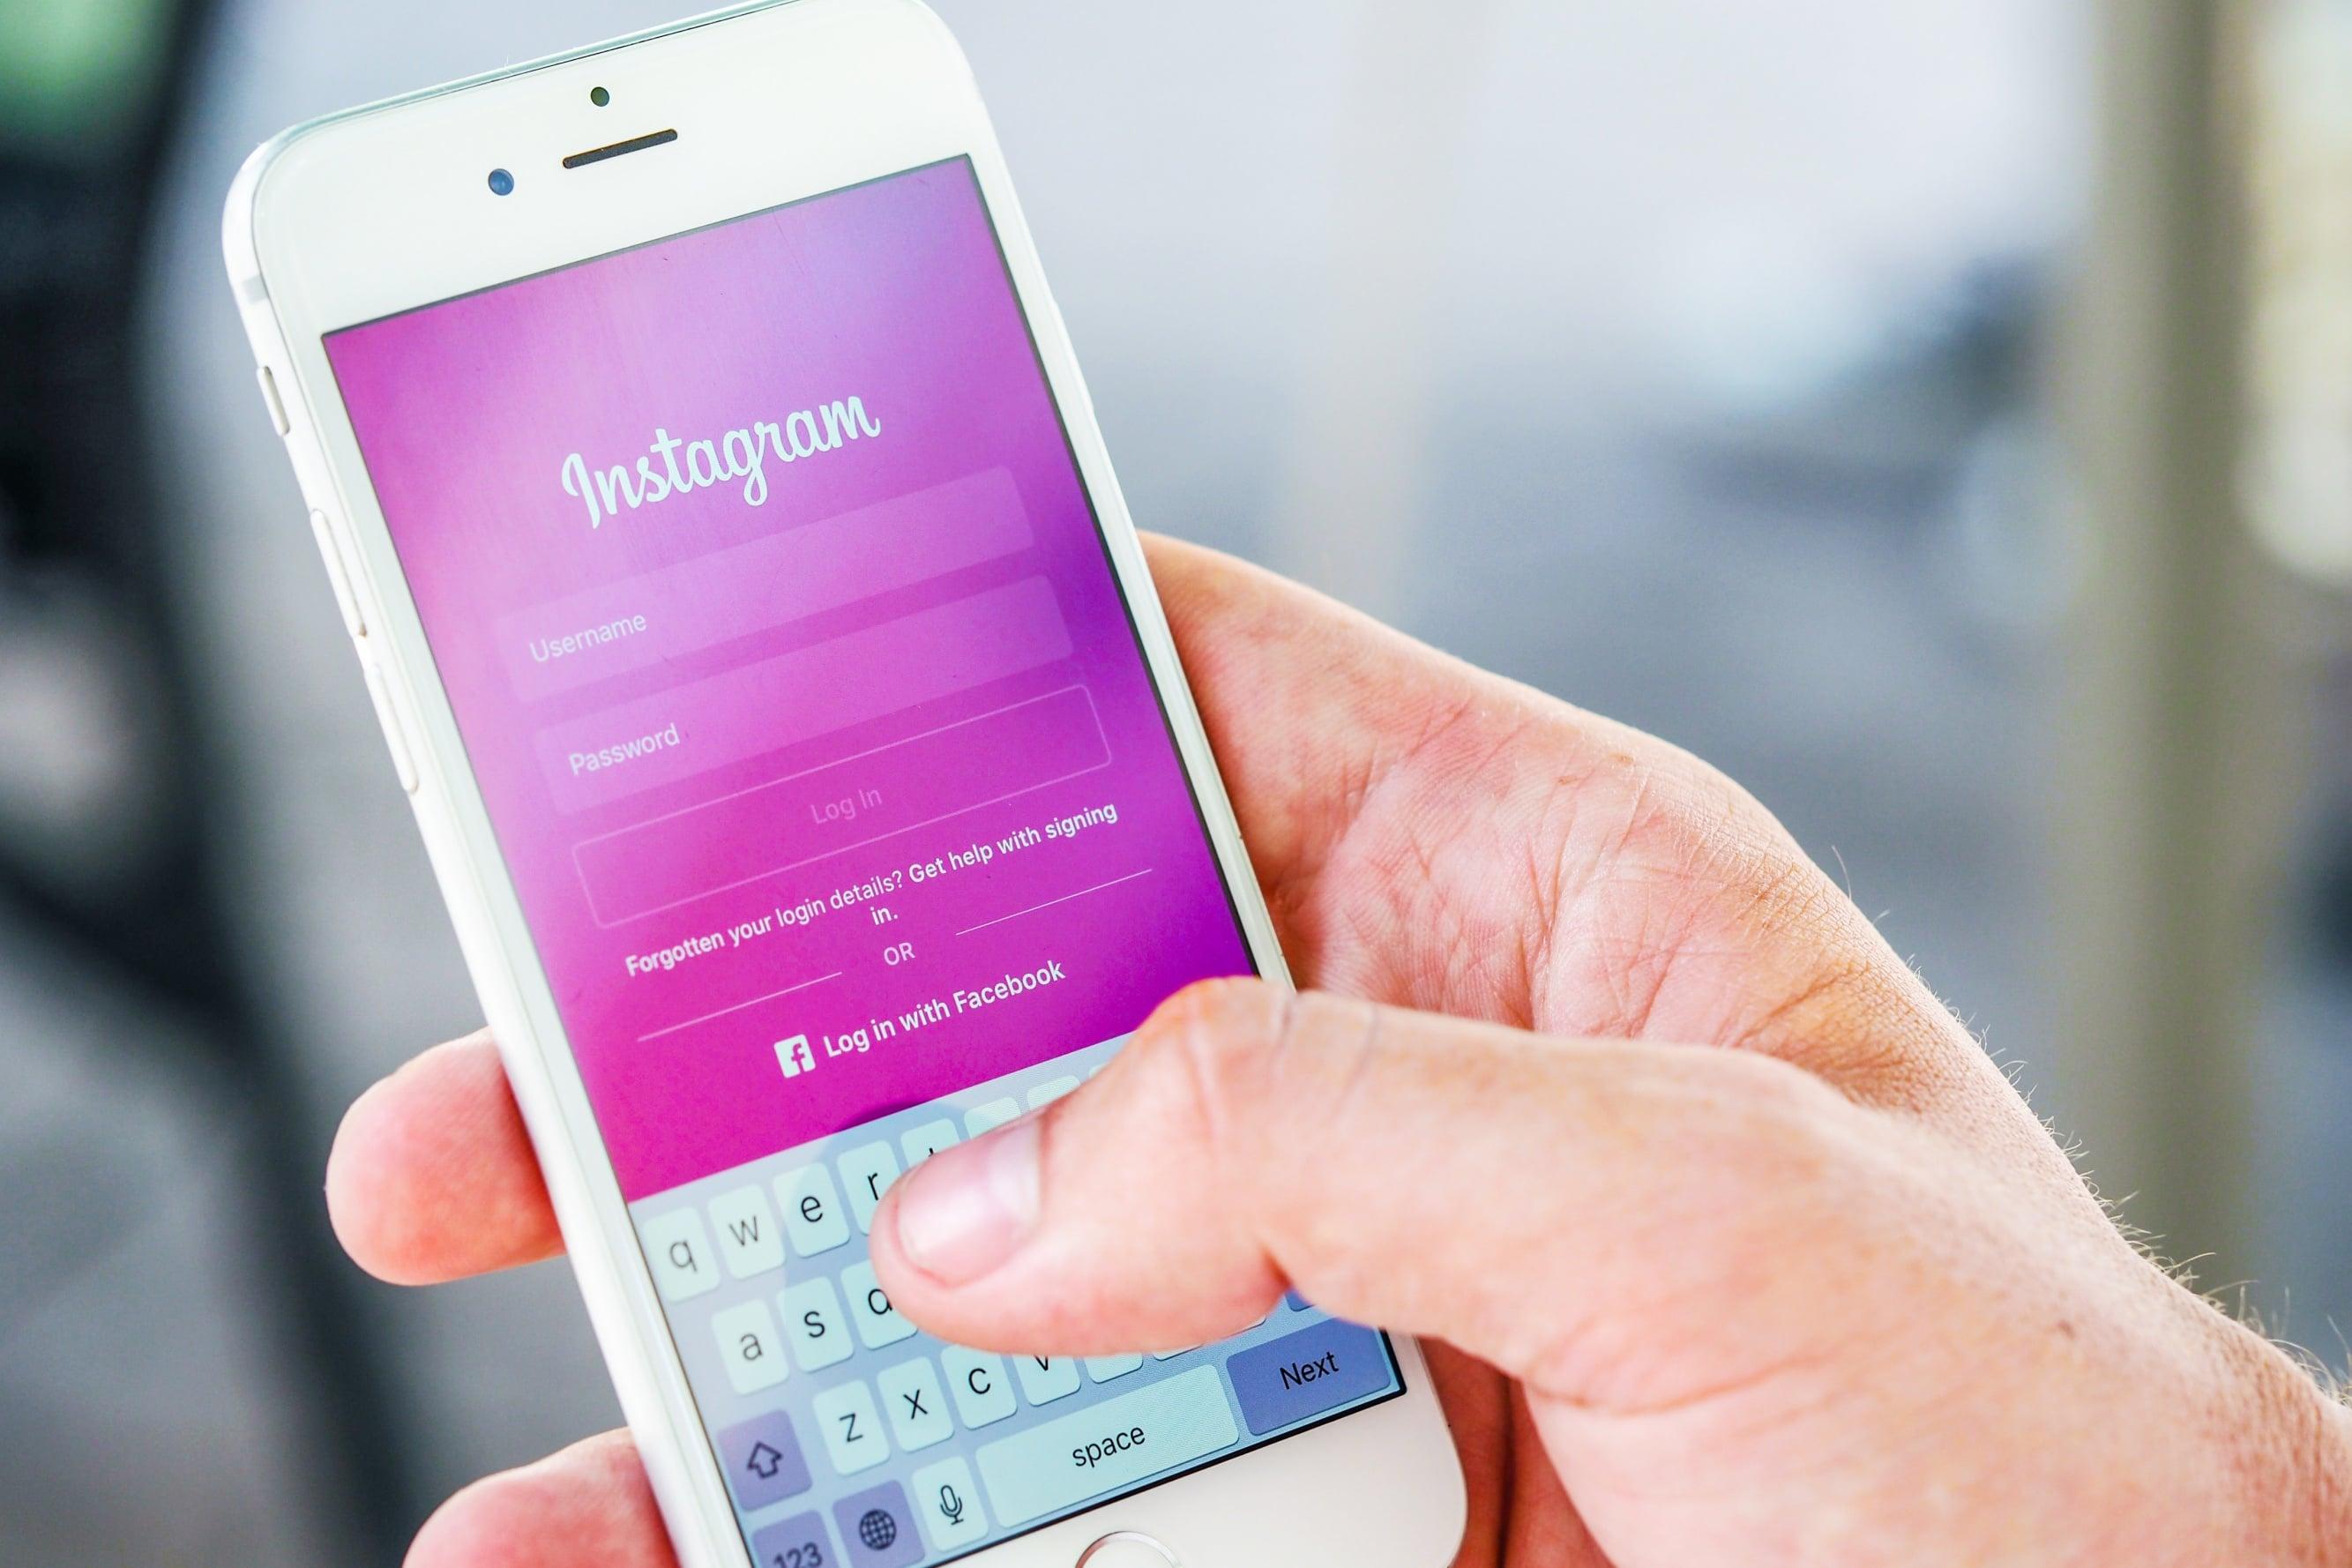 Nie lubisz reklam na Instagramie? No cóż, będzie ich jeszcze więcej 17